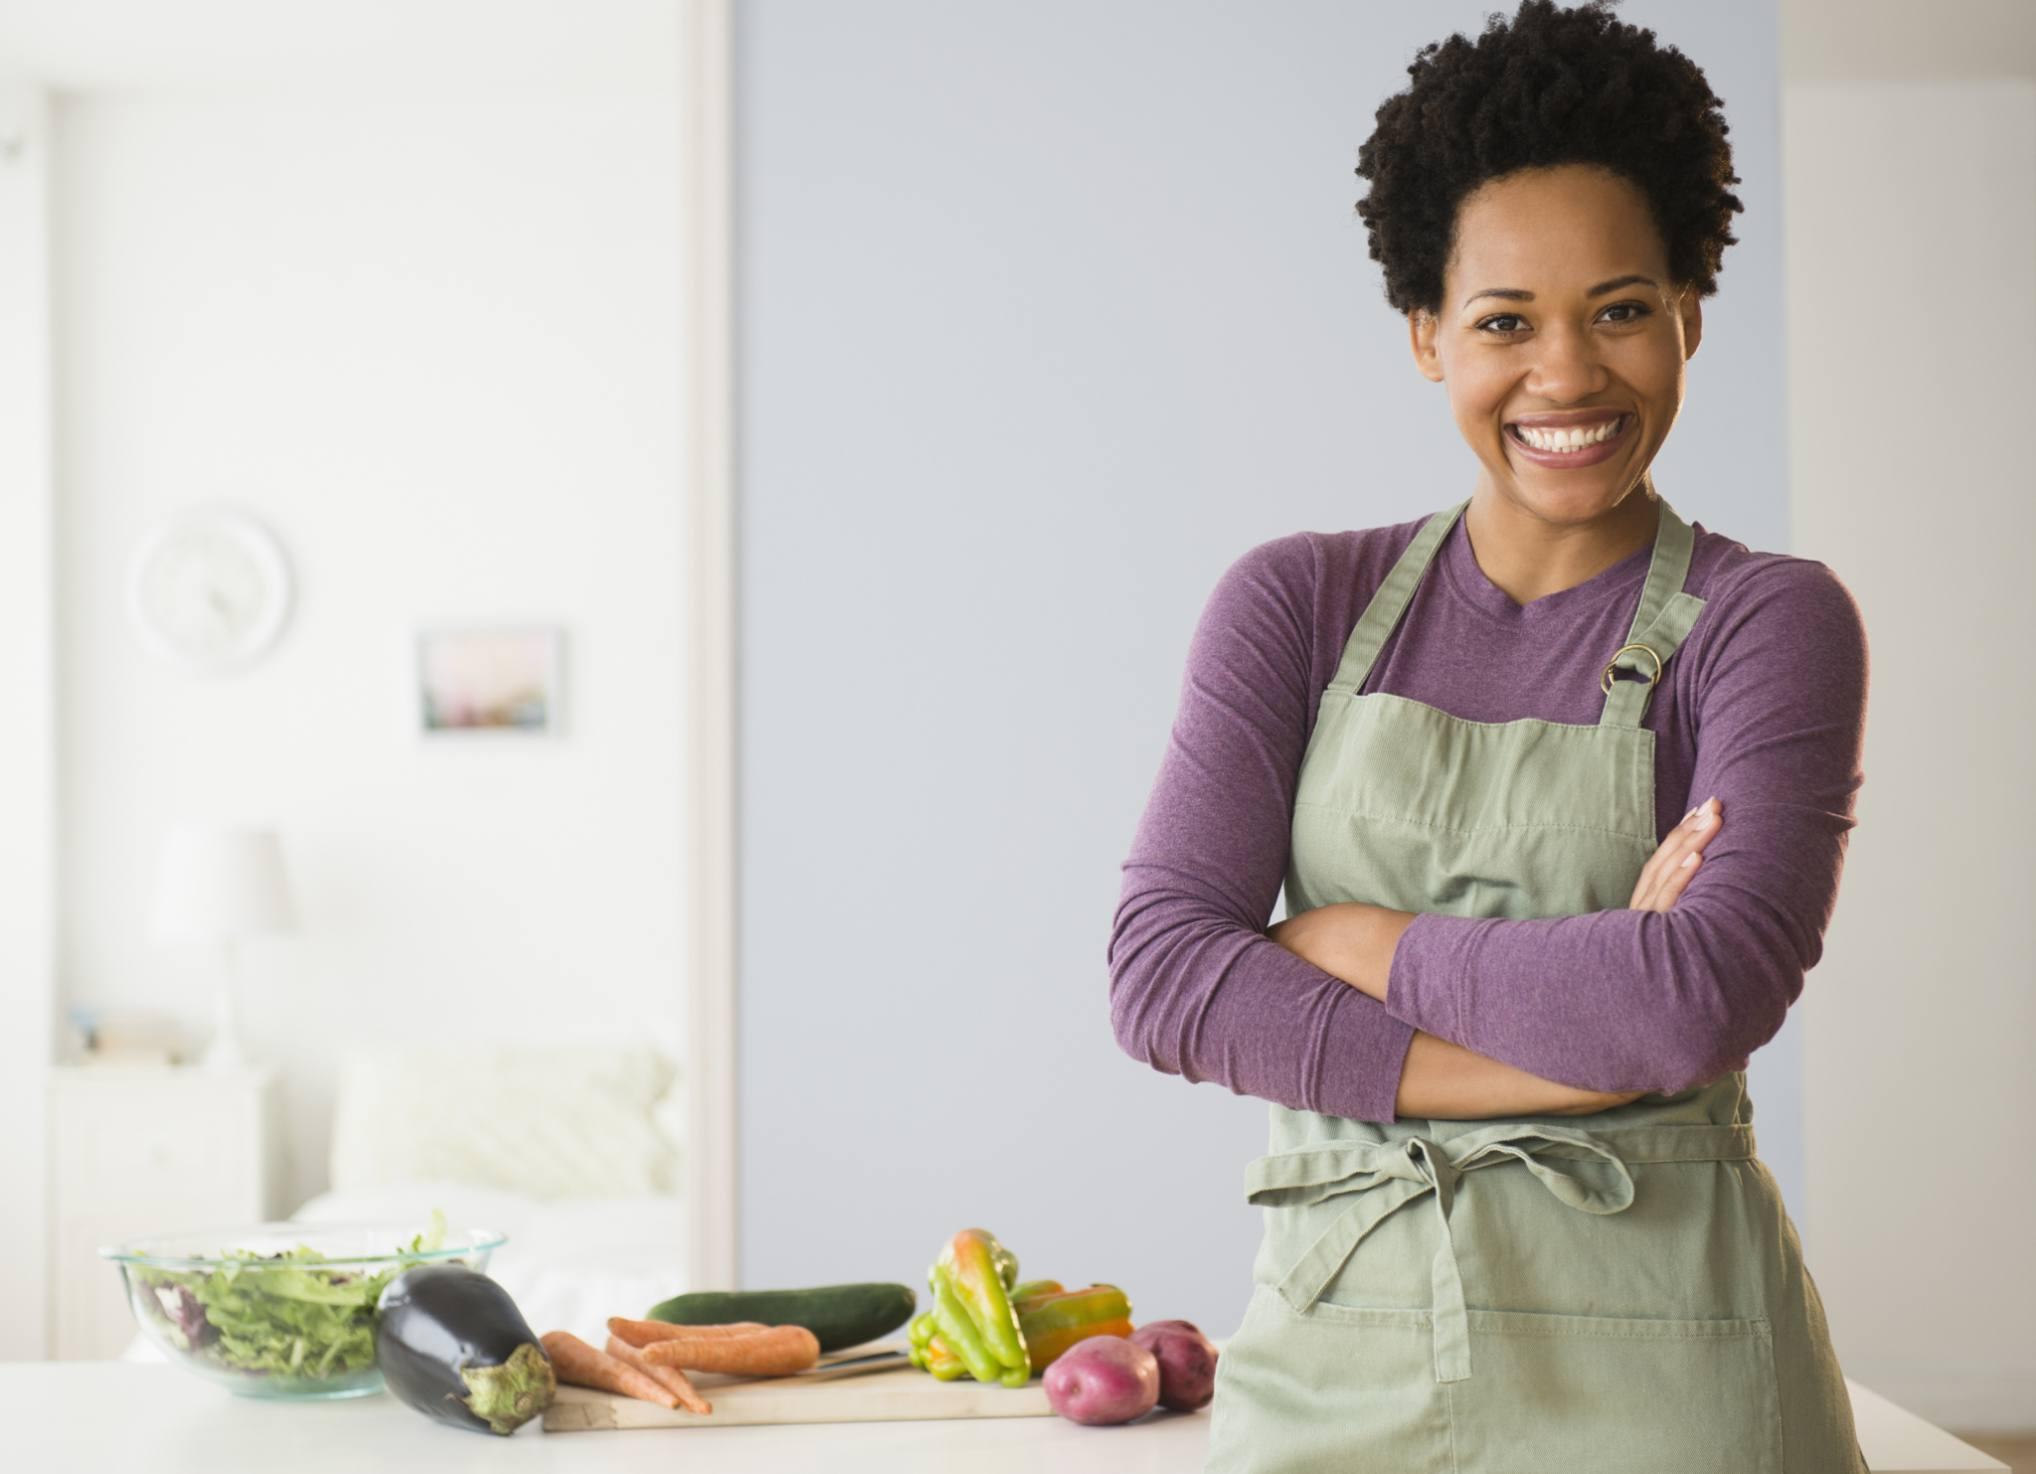 Cómo preparar comidas saludables